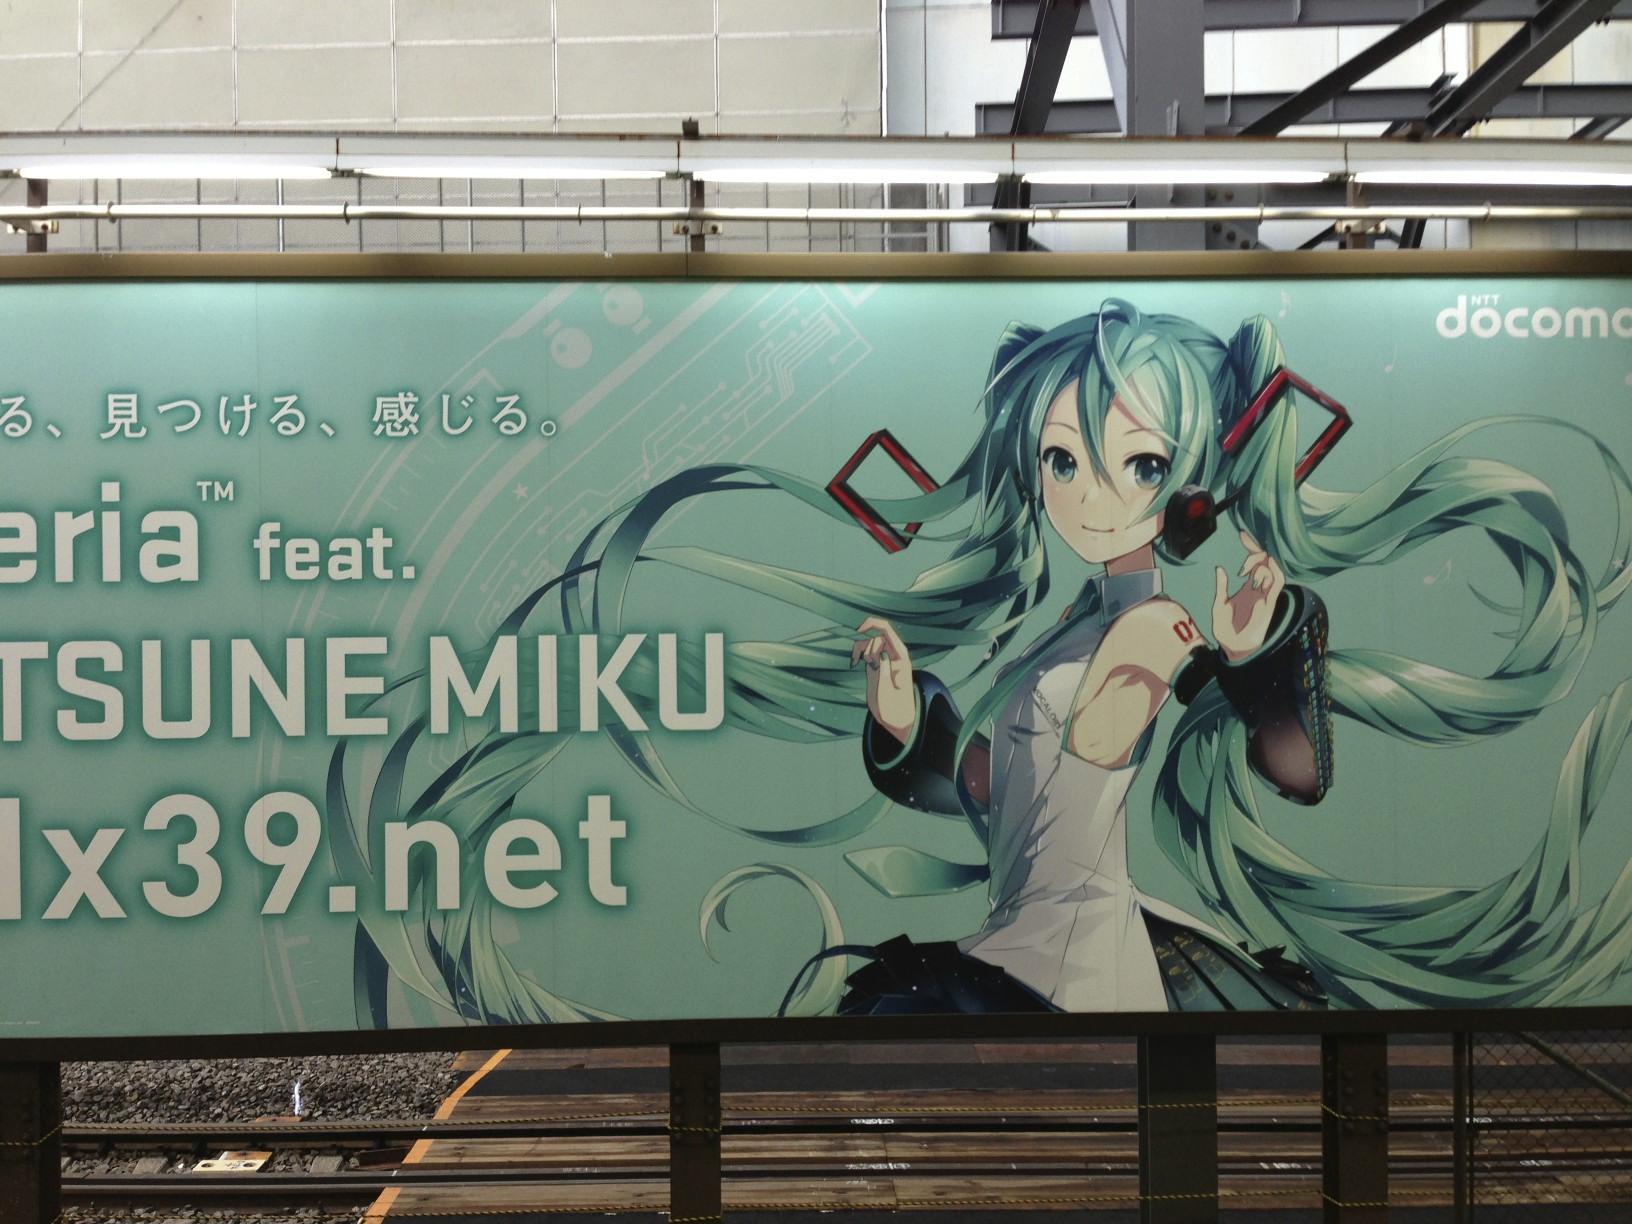 渋谷駅で見つけた華奢なミクさん